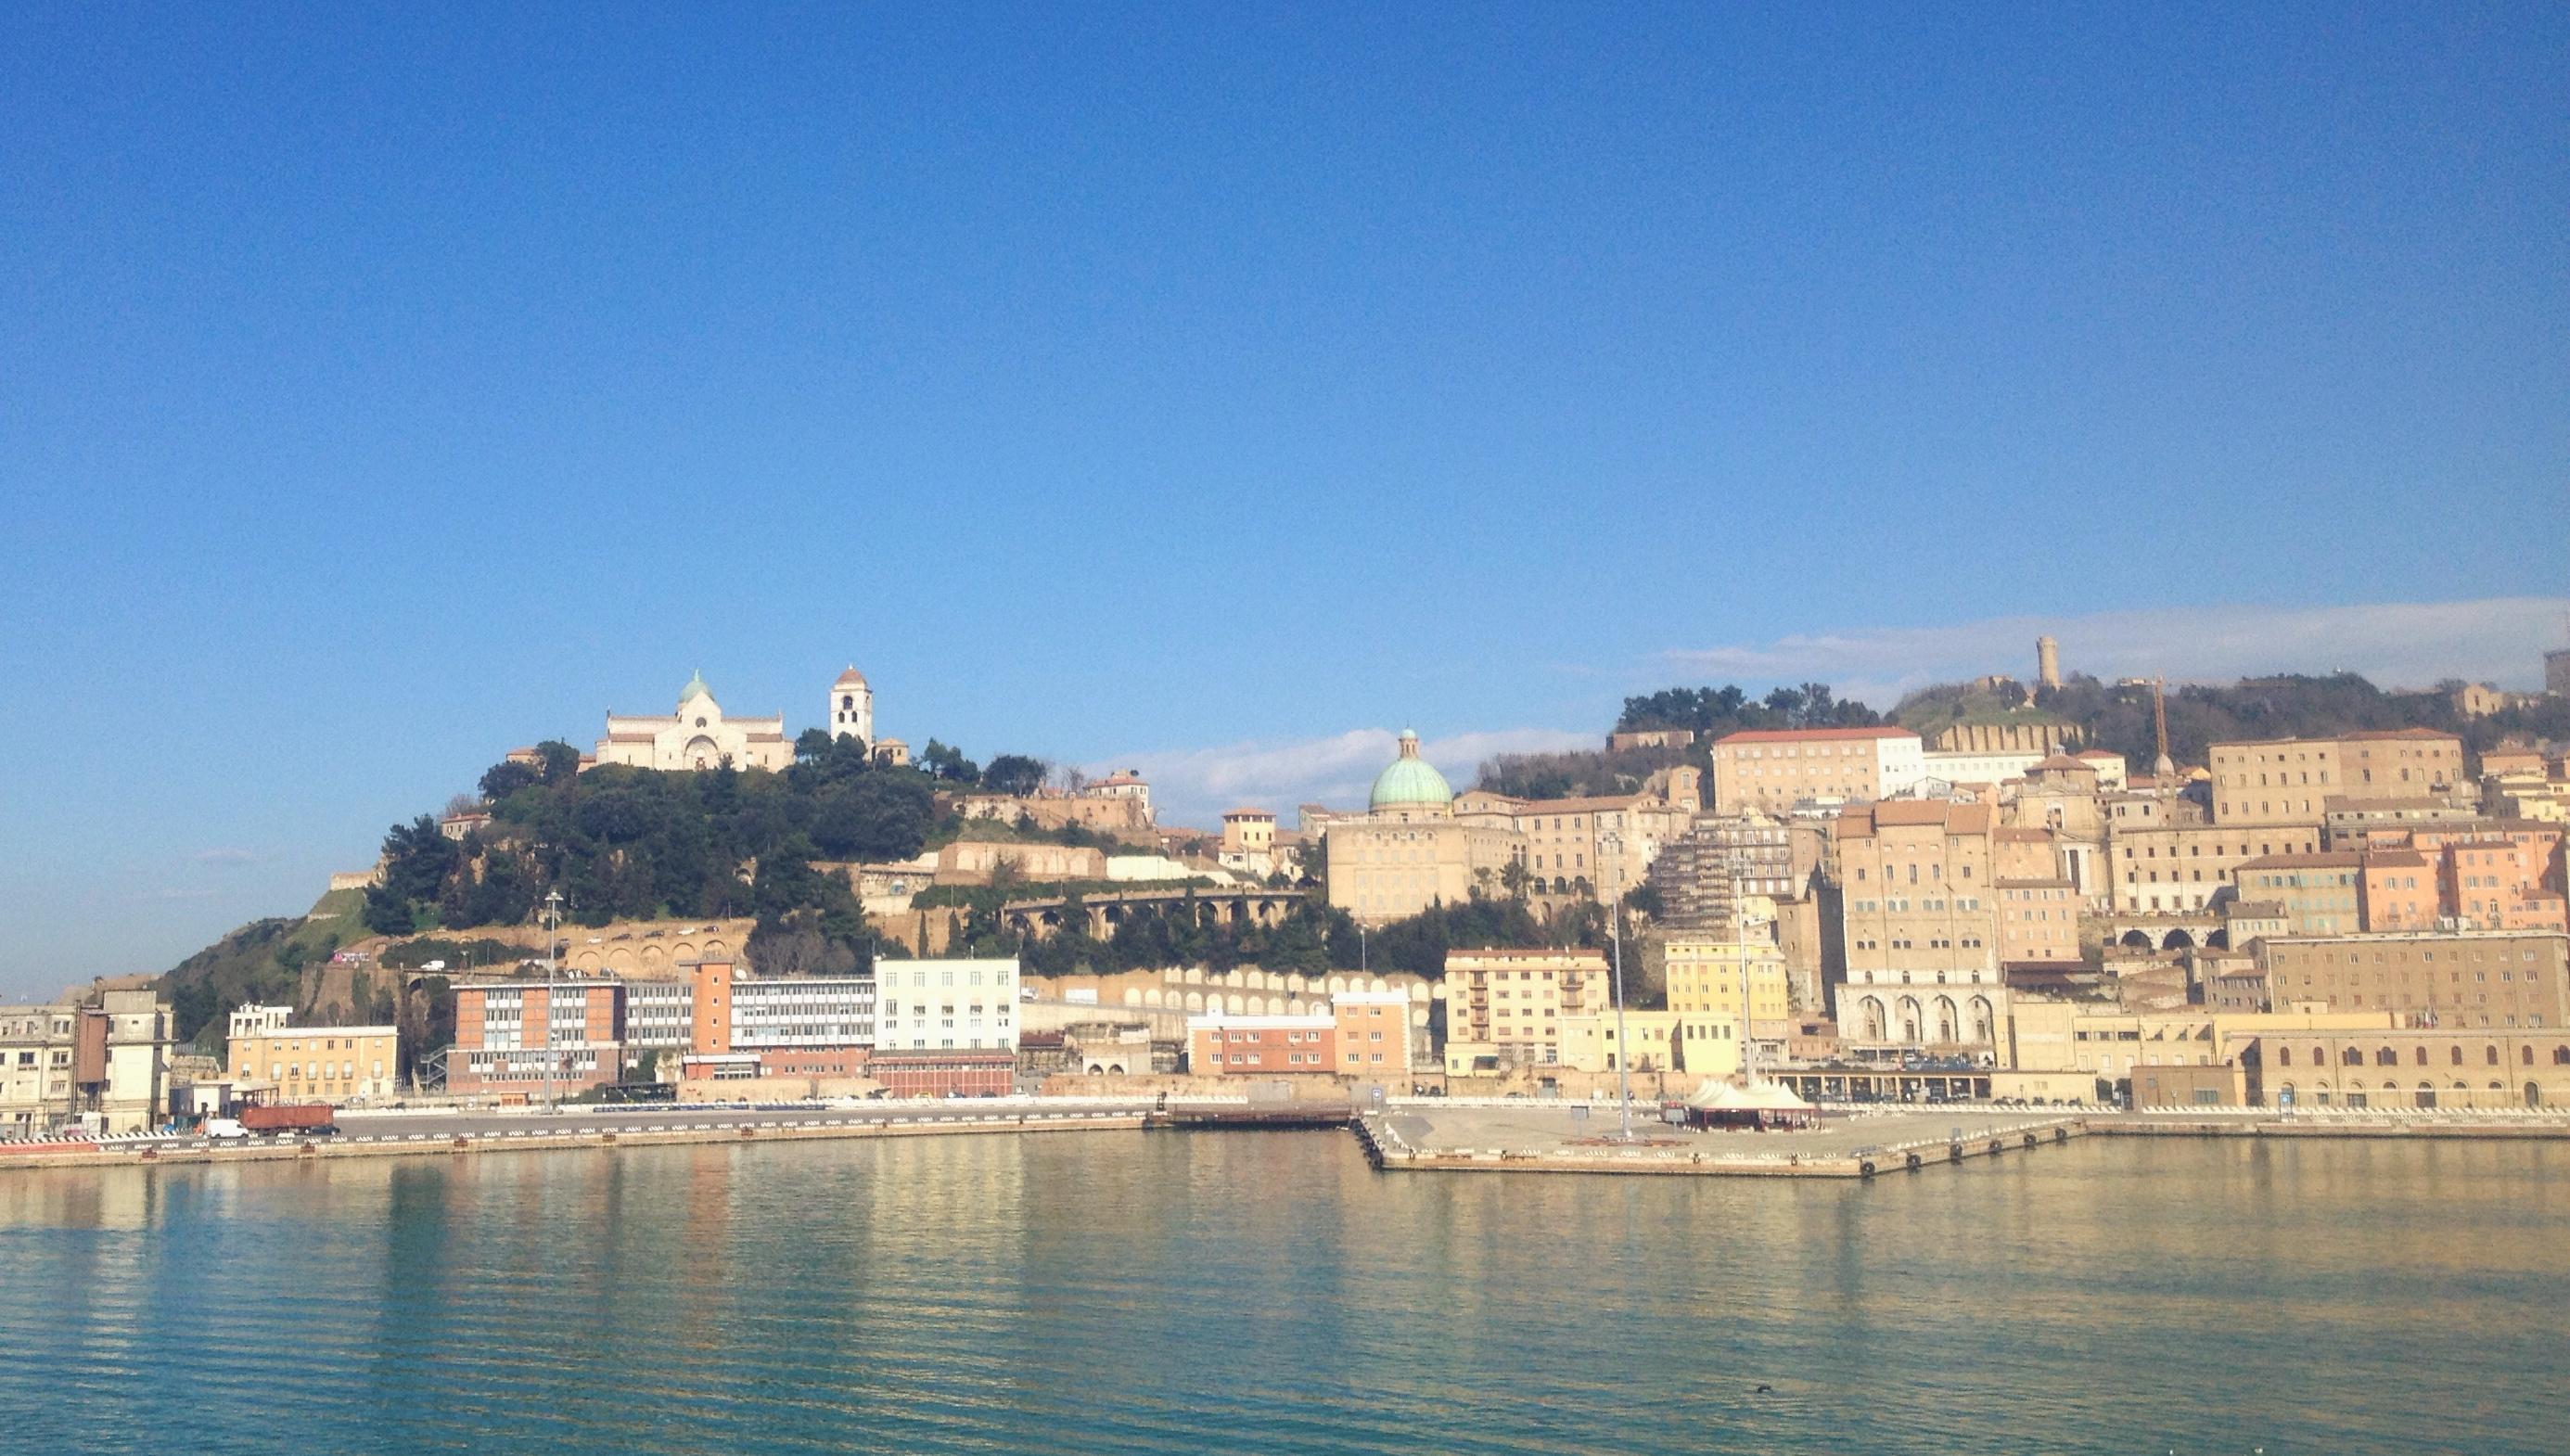 Corinth to Ancona Ferry